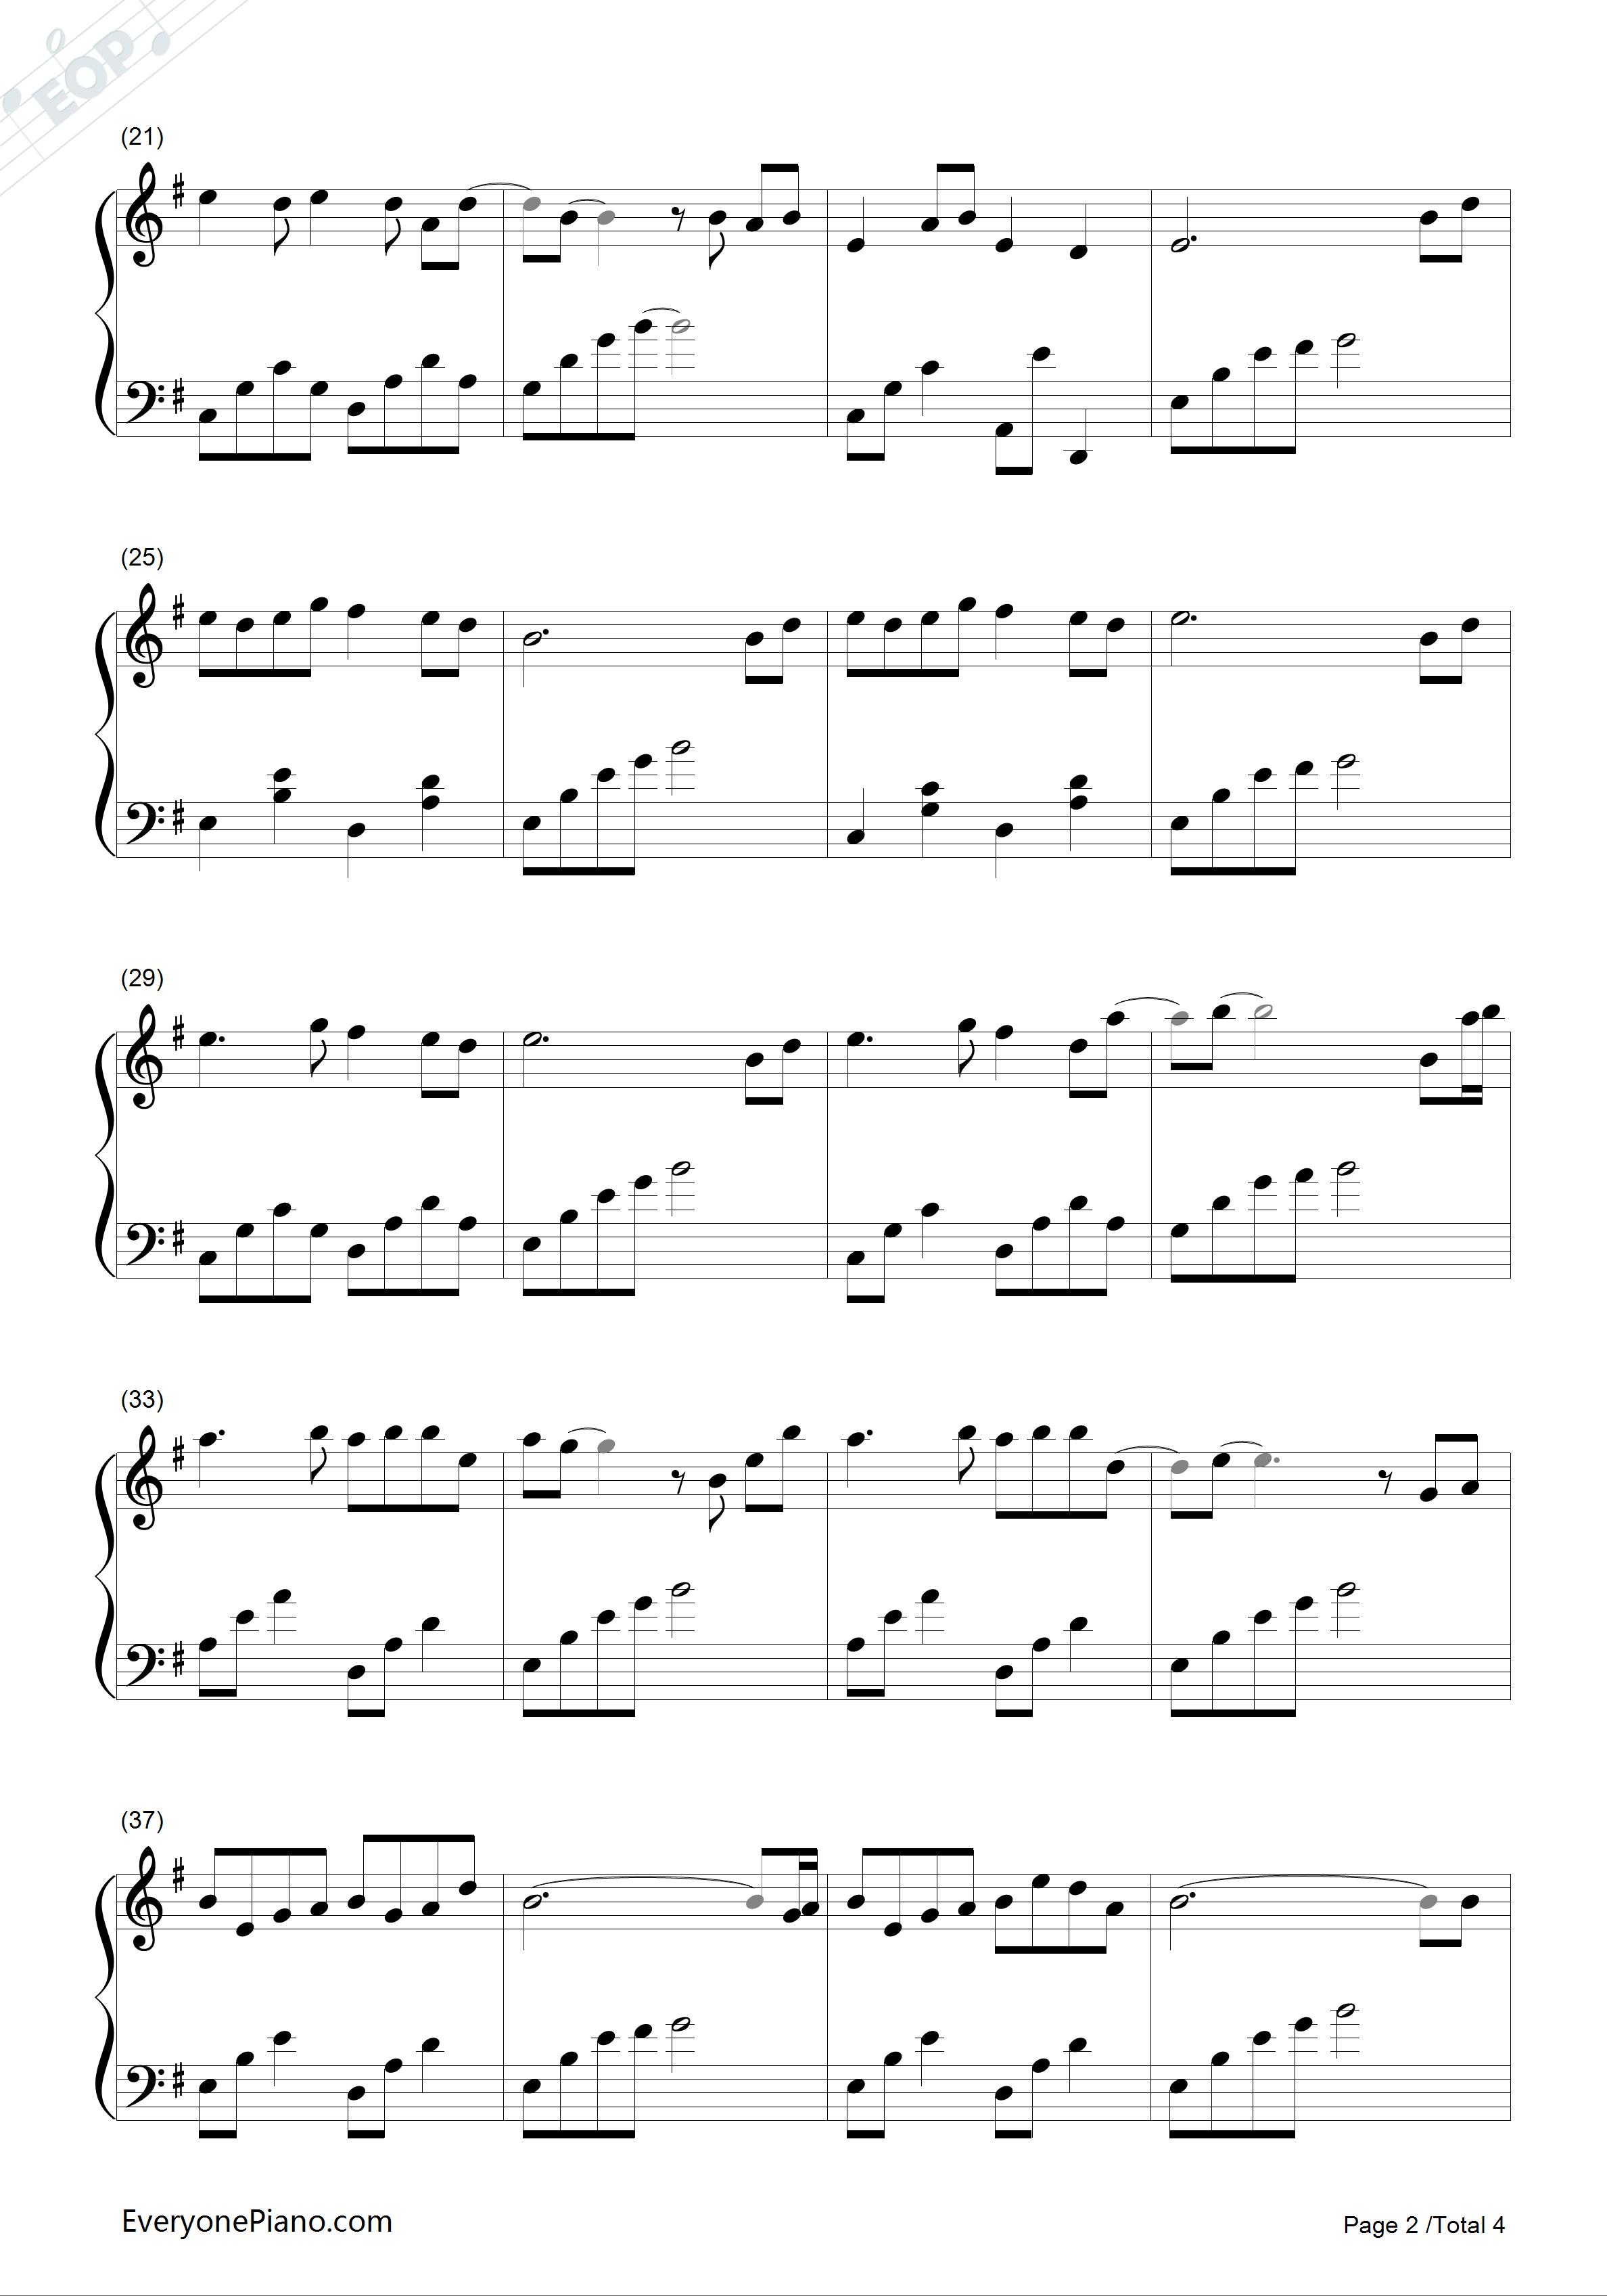 钢琴曲谱 轻音乐 枫思秋月-赵海洋 枫思秋月-赵海洋五线谱预览2